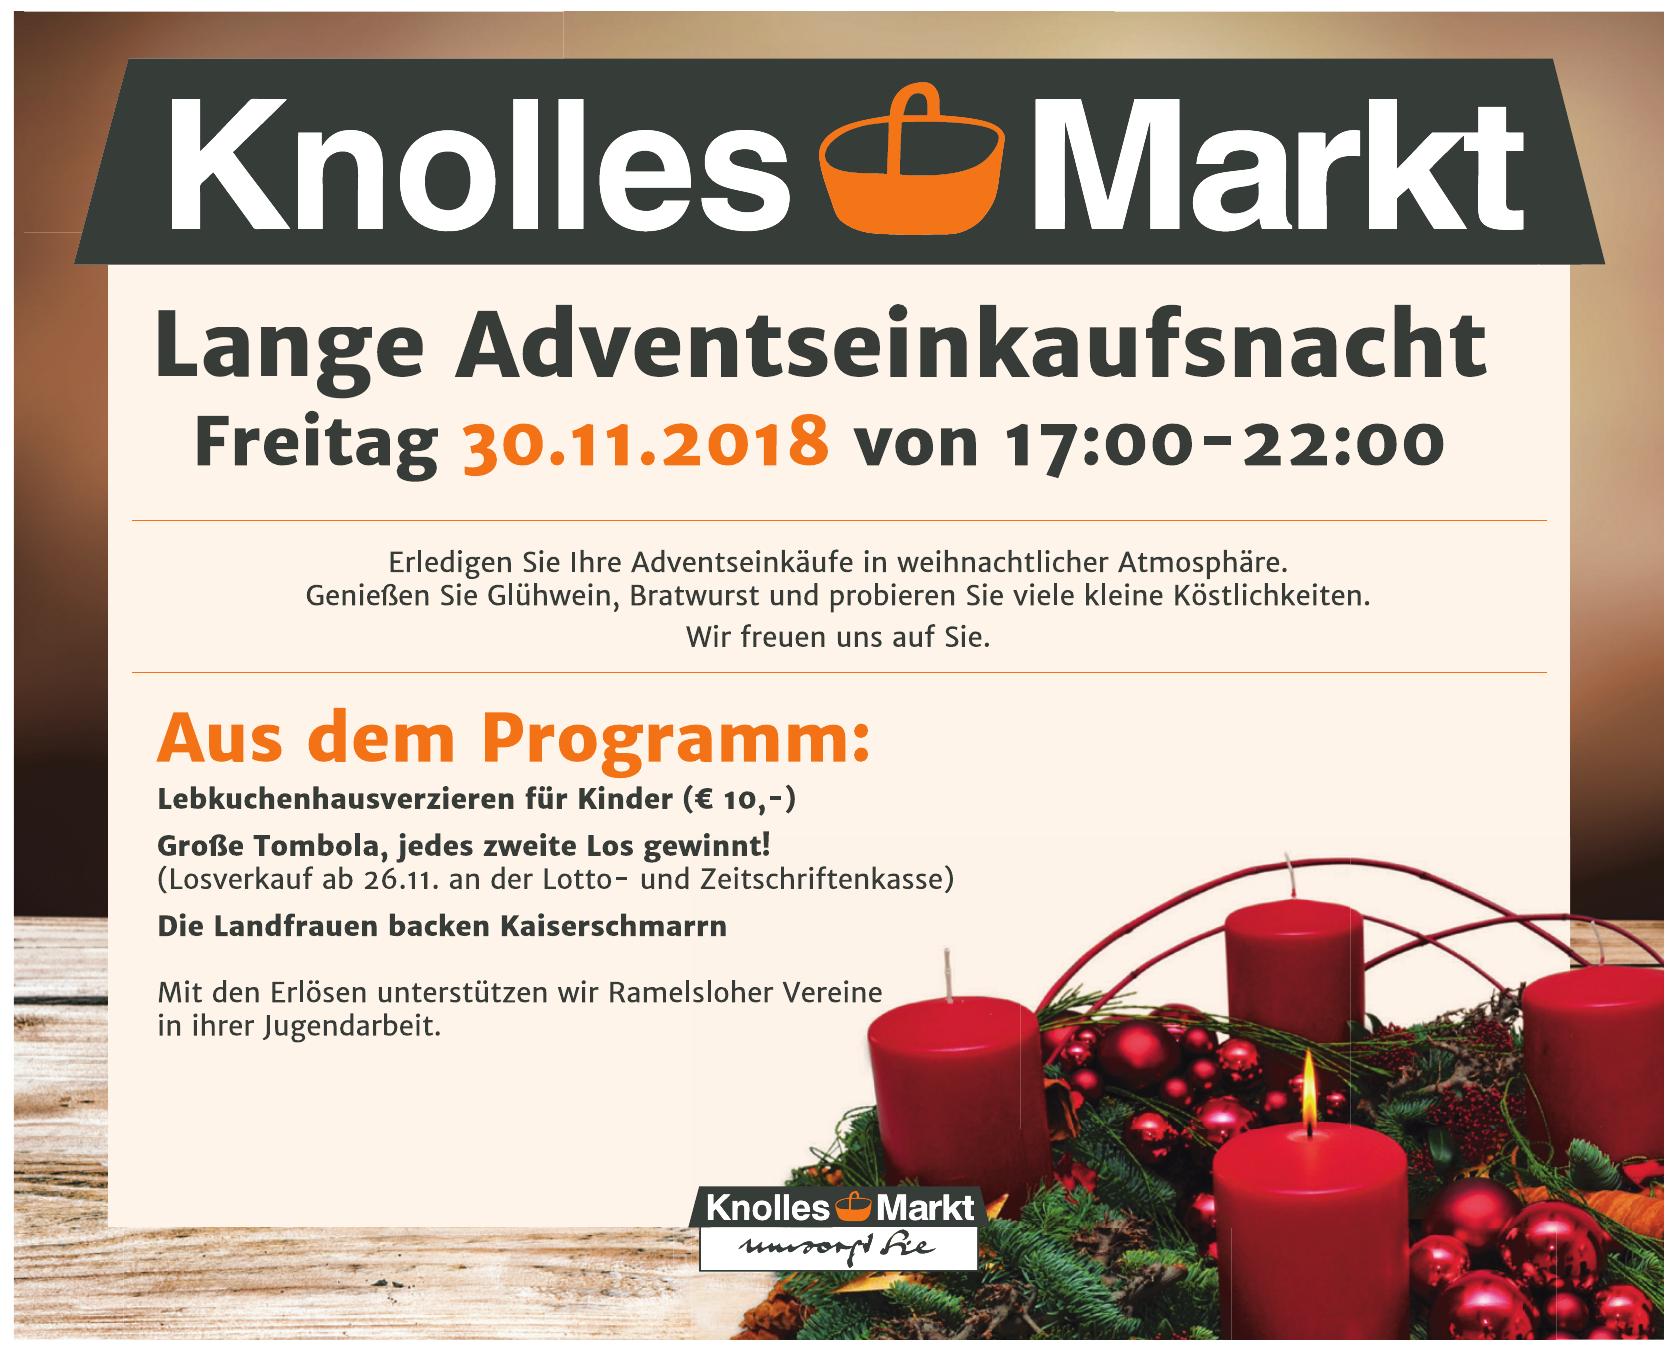 Knolles Markt